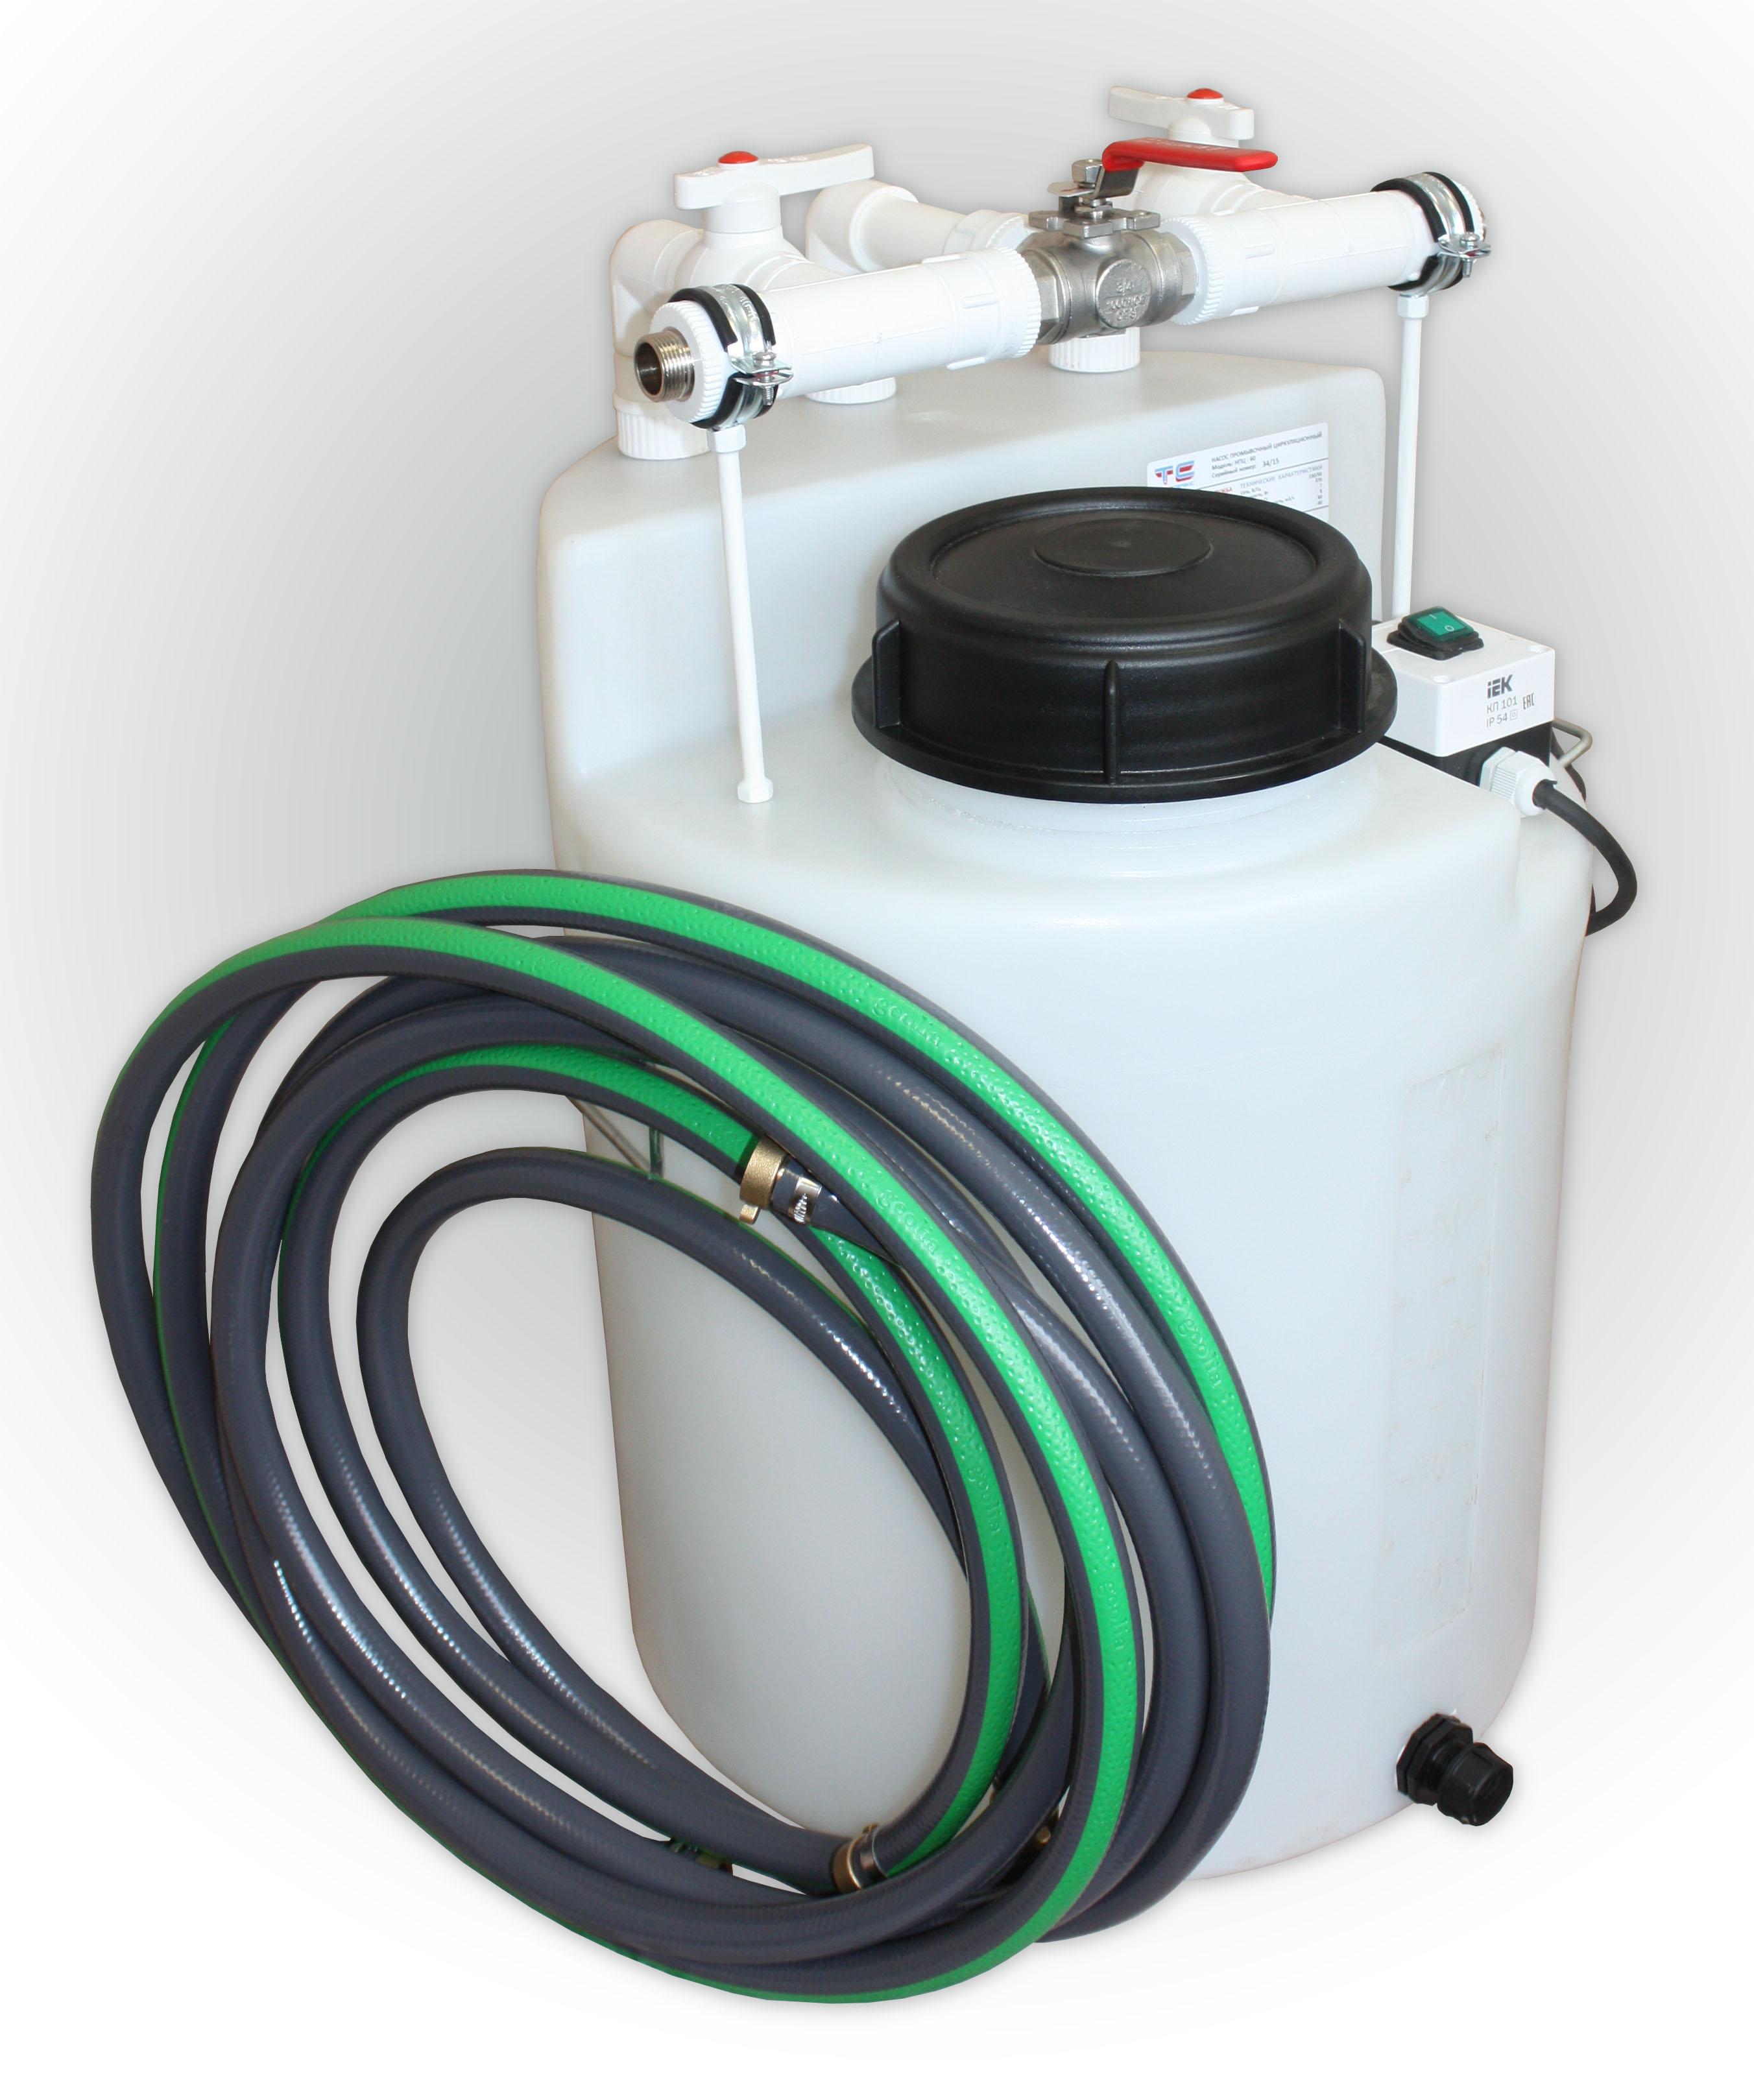 Промывочные установки для промывки теплообменников котлов Кожухотрубный теплообменник Alfa Laval Cetecoil 4100-L Анжеро-Судженск